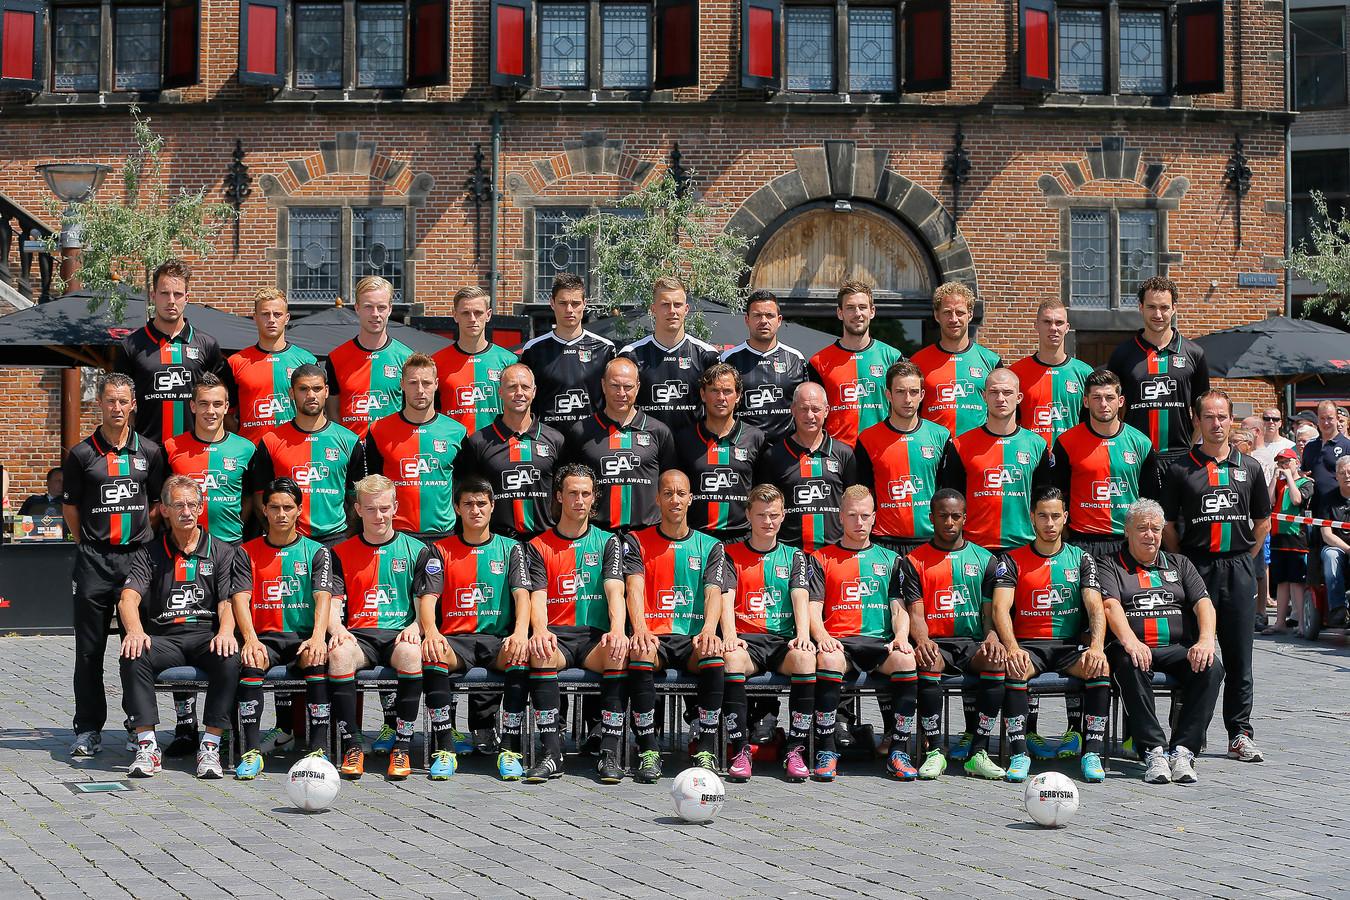 De selectiefoto van NEC in het seizoen 2012/2013, met Navarone Foor (voorste rij, tweede van links) en Jordy Tutuarima (voorste rij, tweede van rechts).